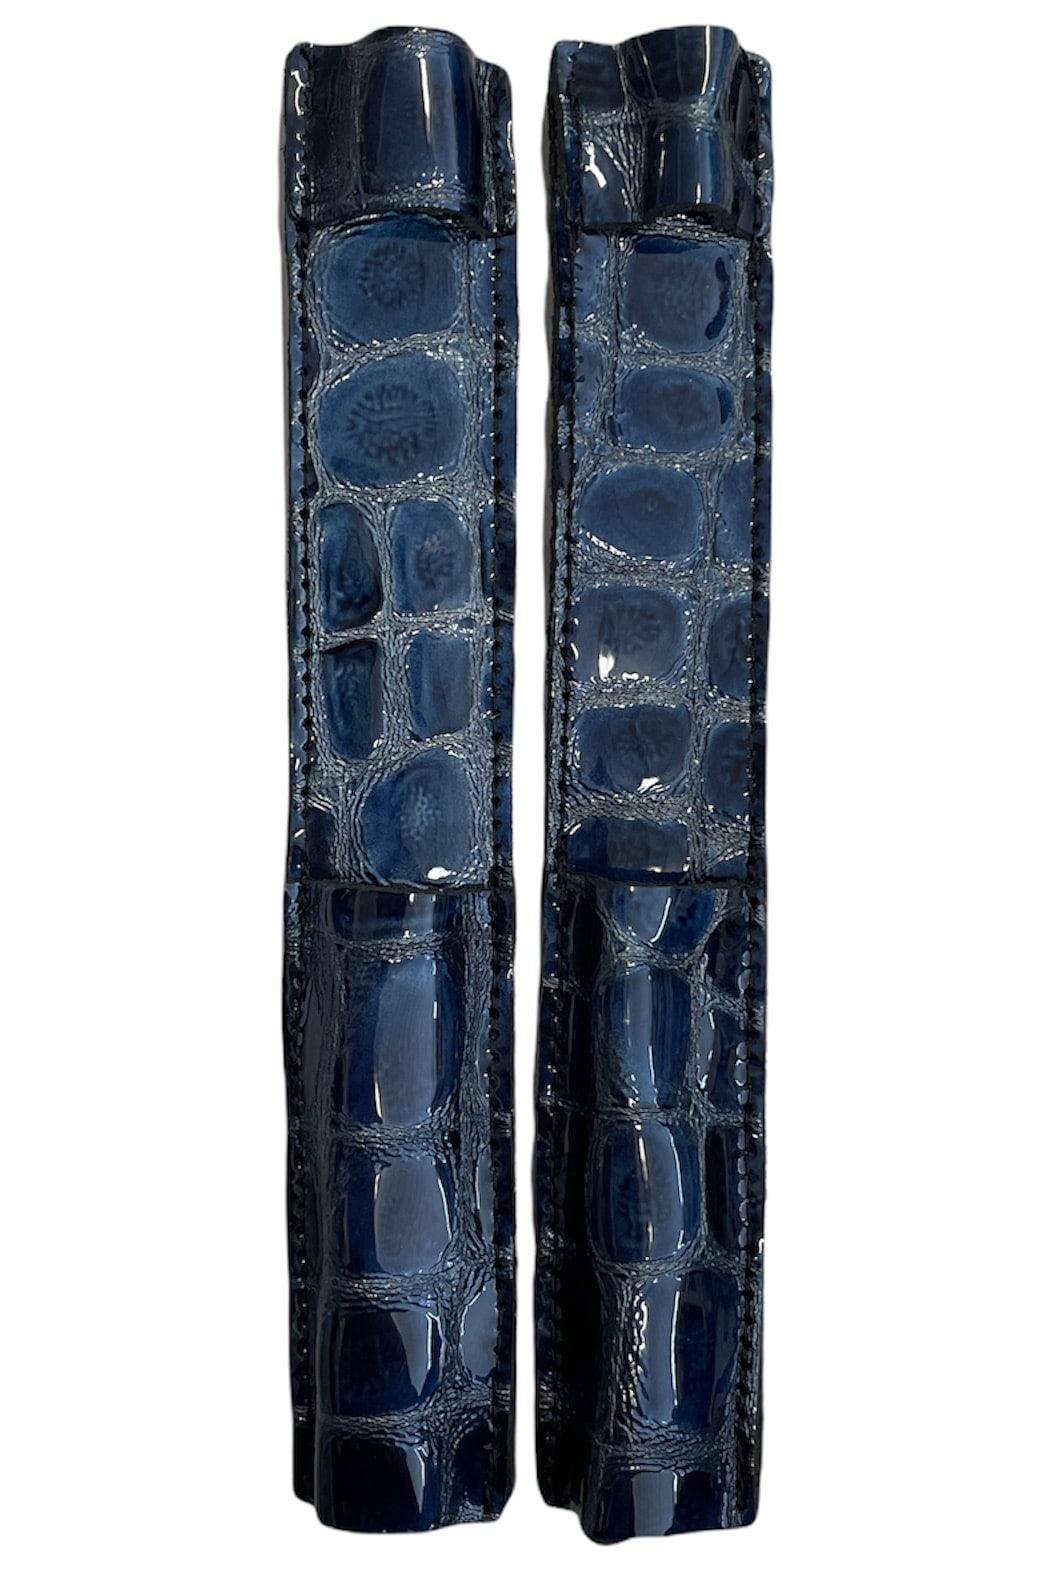 Celeris Spur Protectors - Patent Blue Croc